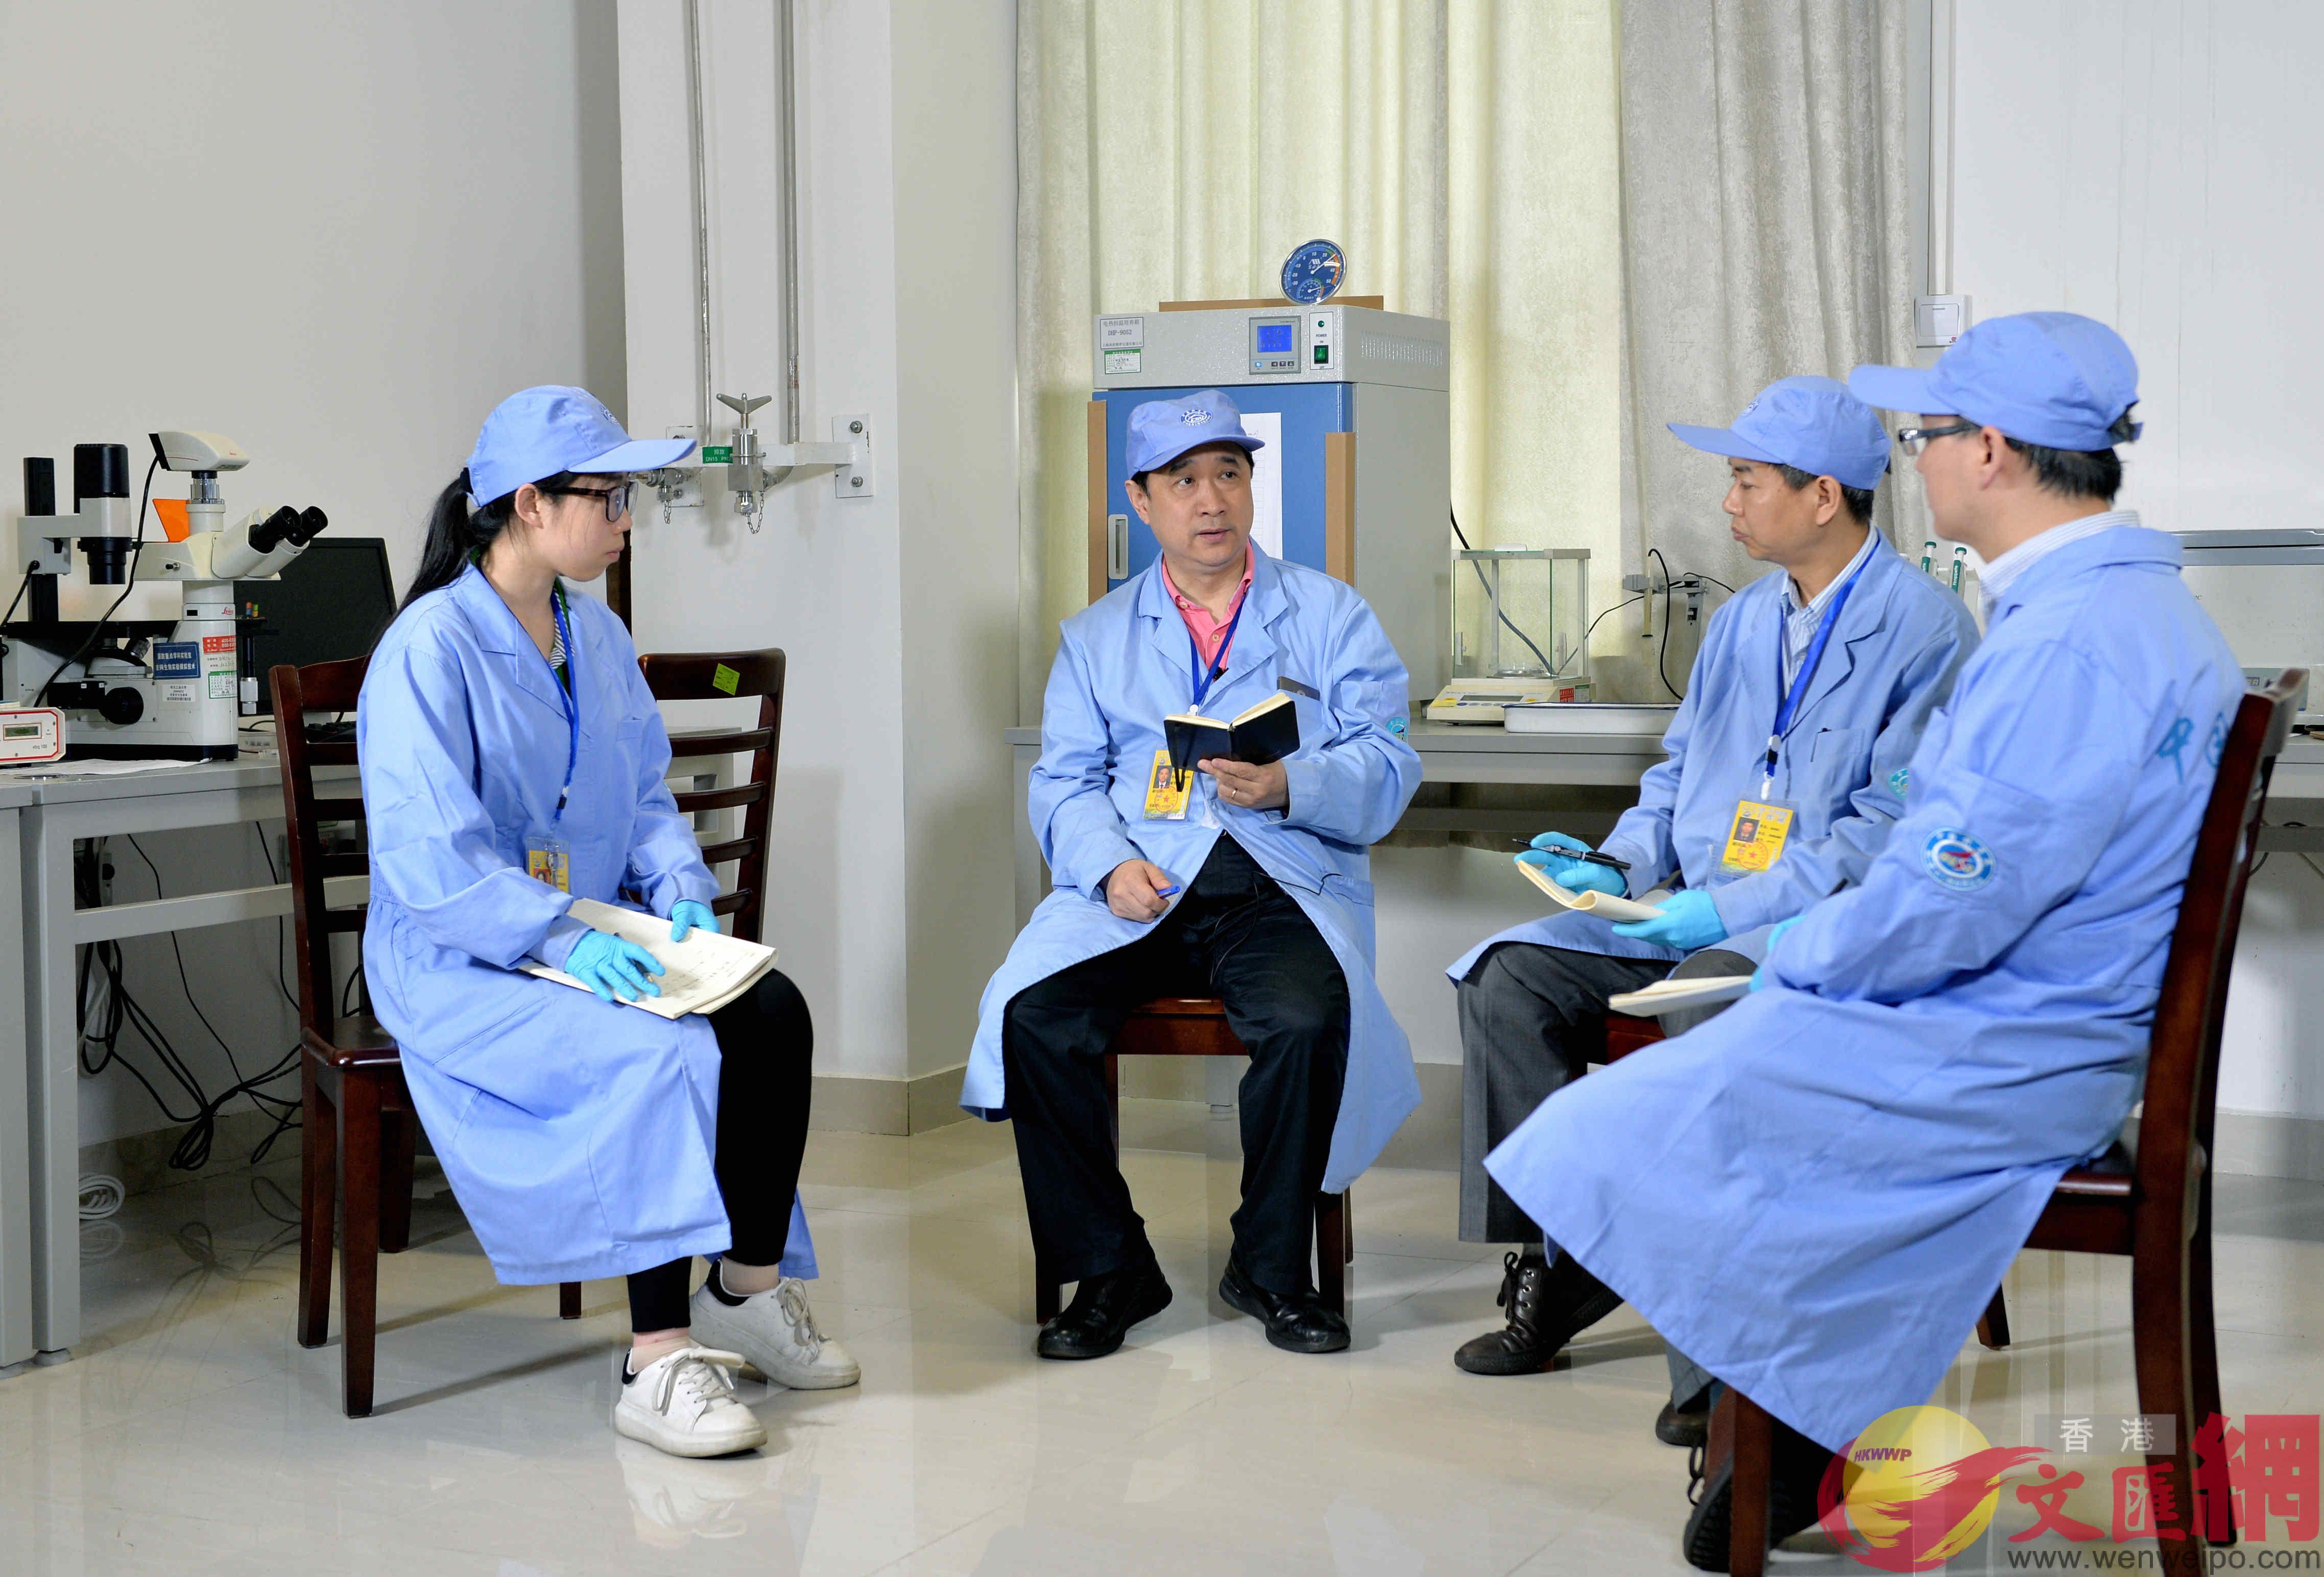 西工大科研人員在實驗空隙進行討論。(西工大供圖)